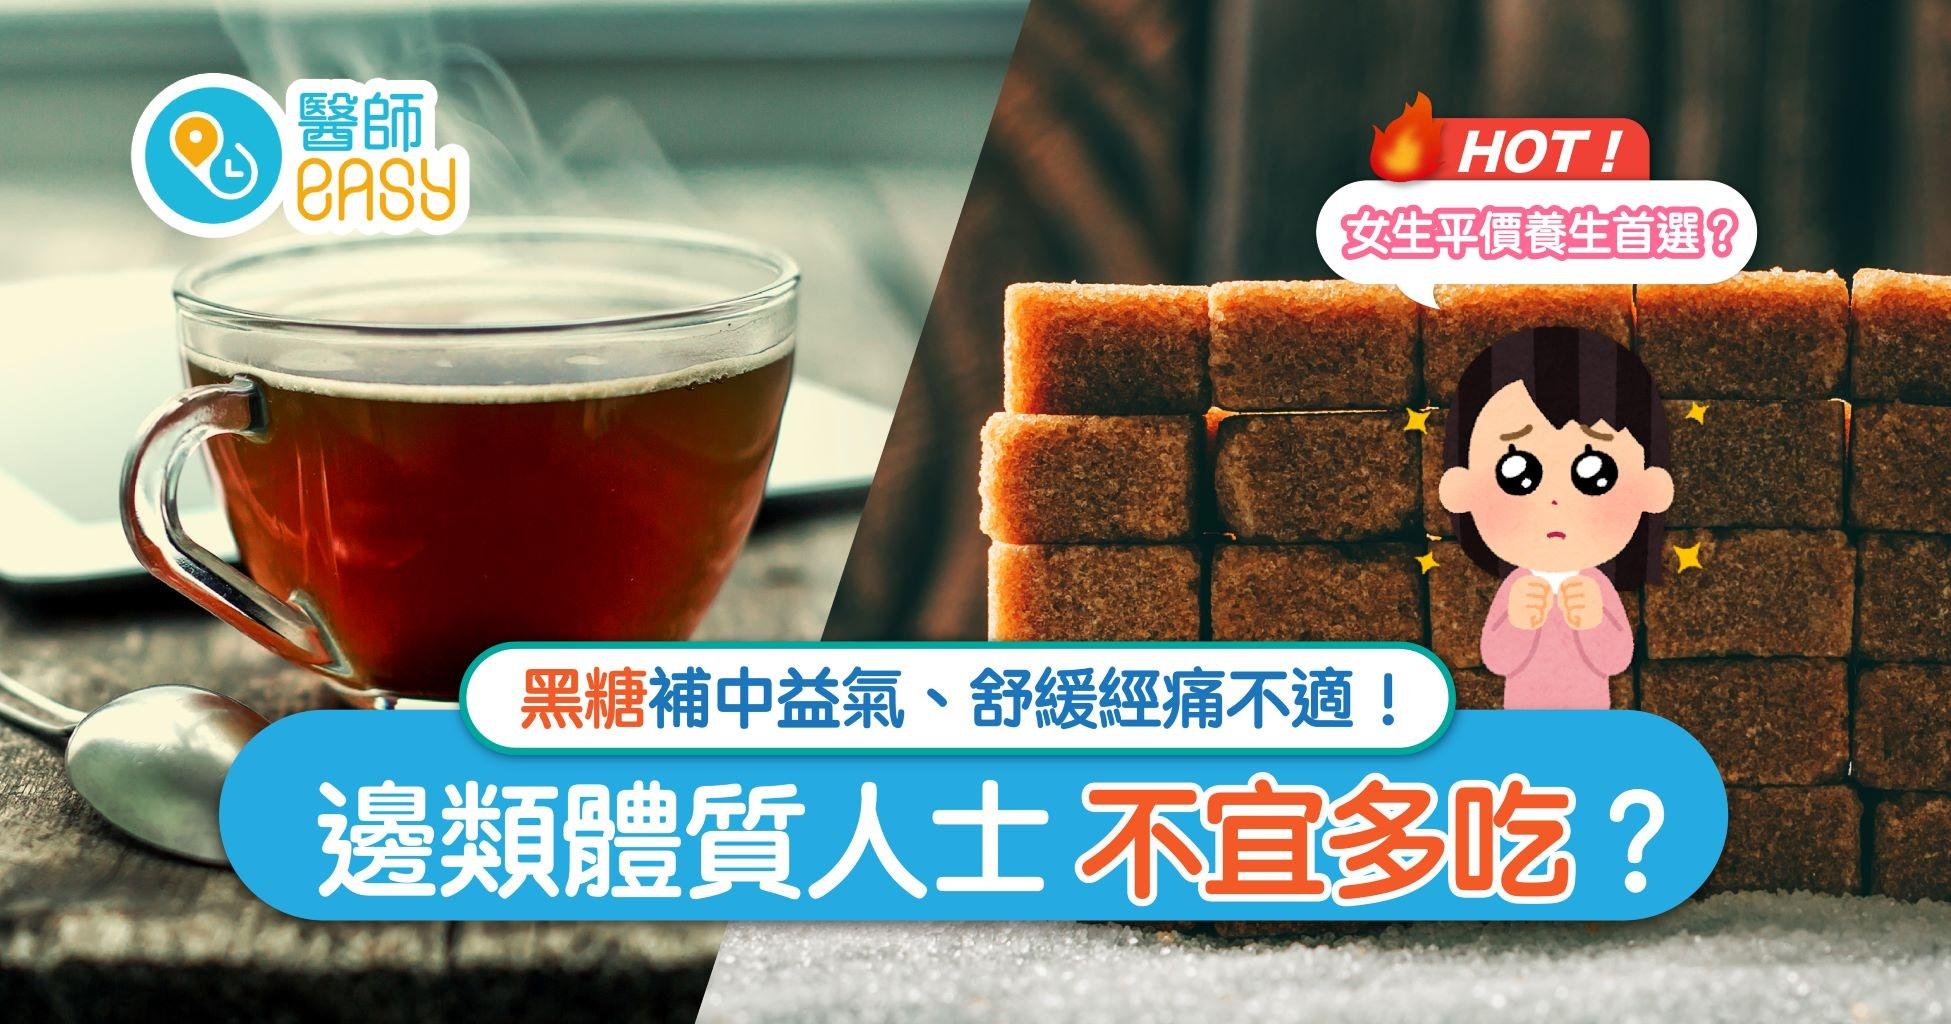 【平價保健品】黑糖減經痛兼增食慾 惟3類人士不宜服用